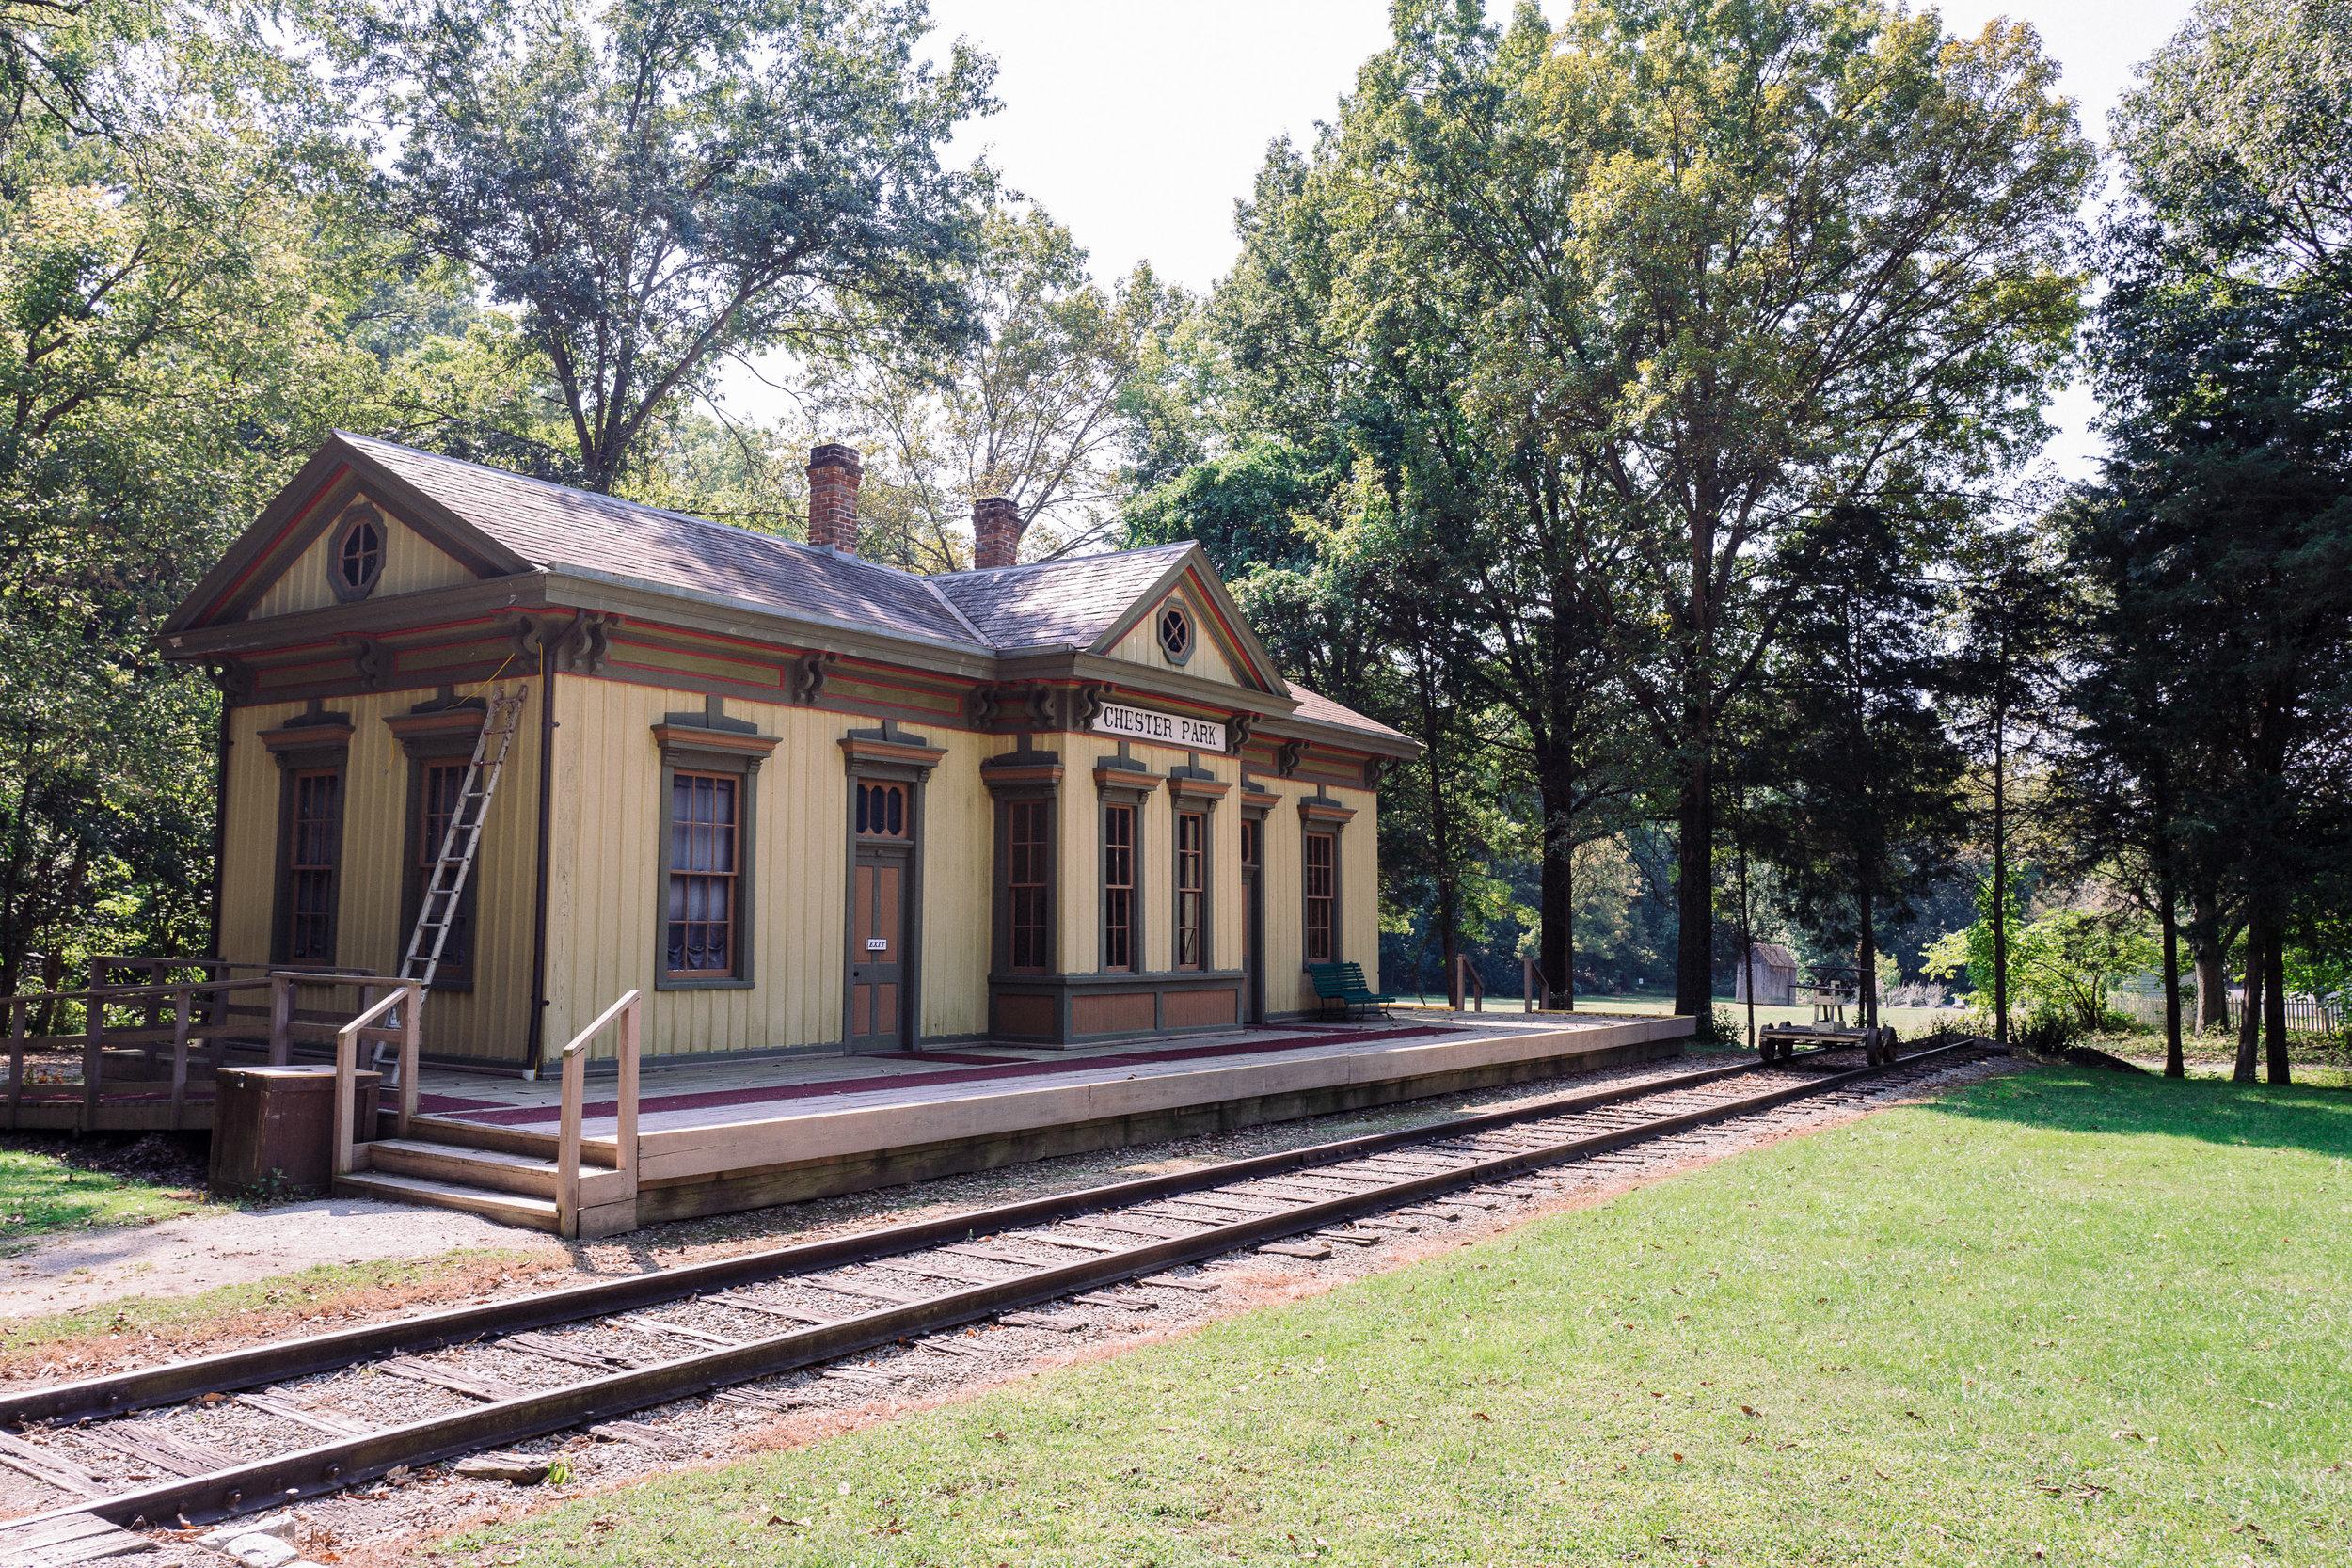 heritage-village-museum-1070432.jpg